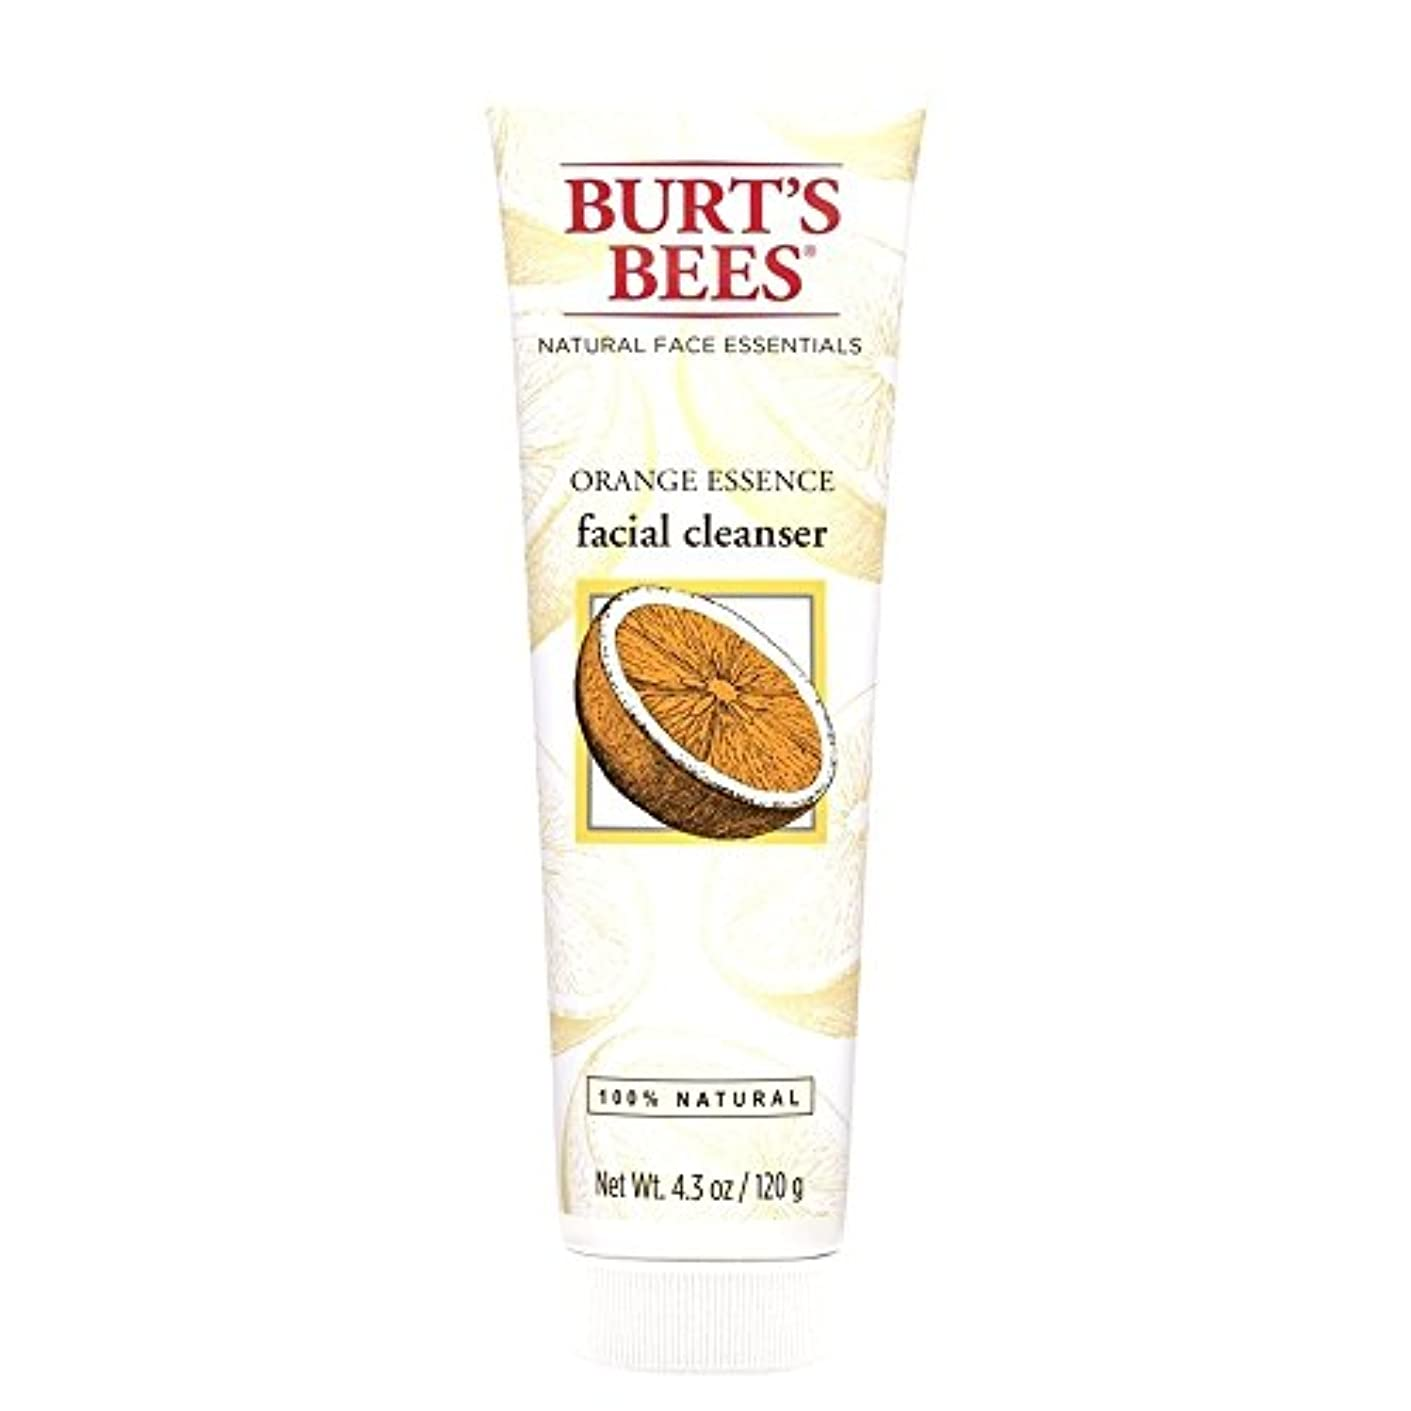 中絶整然とした読むバーツビーオレンジエッセンス洗顔料、125グラム (Burt's Bees) (x2) - Burt's Bees Orange Essence Facial Cleanser, 125g (Pack of 2) [並行輸入品]